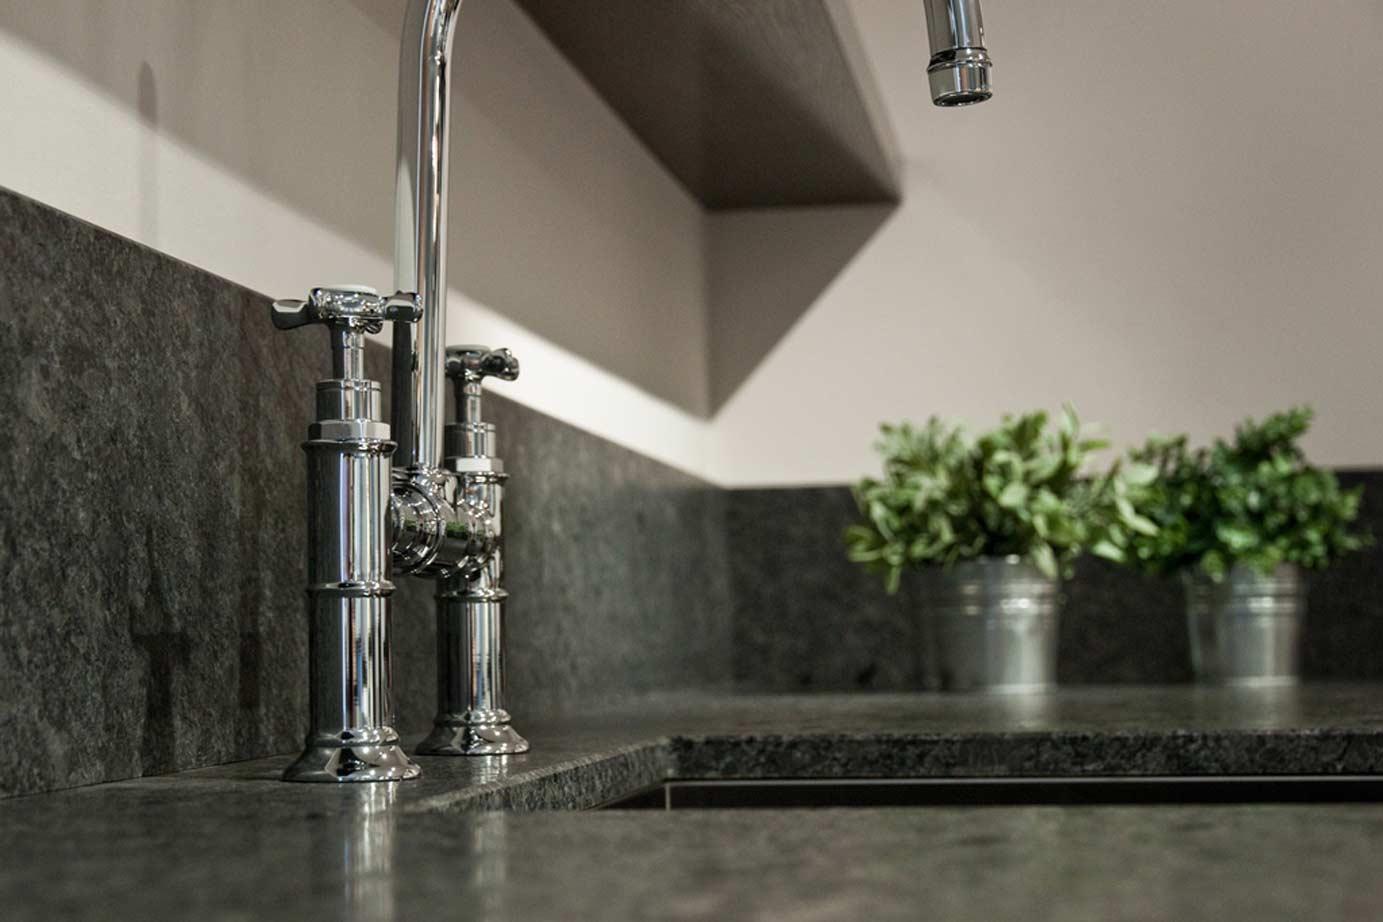 Achterwanden Keuken Kunststof : Keukenachterwand: wat zijn de mogelijkheden?